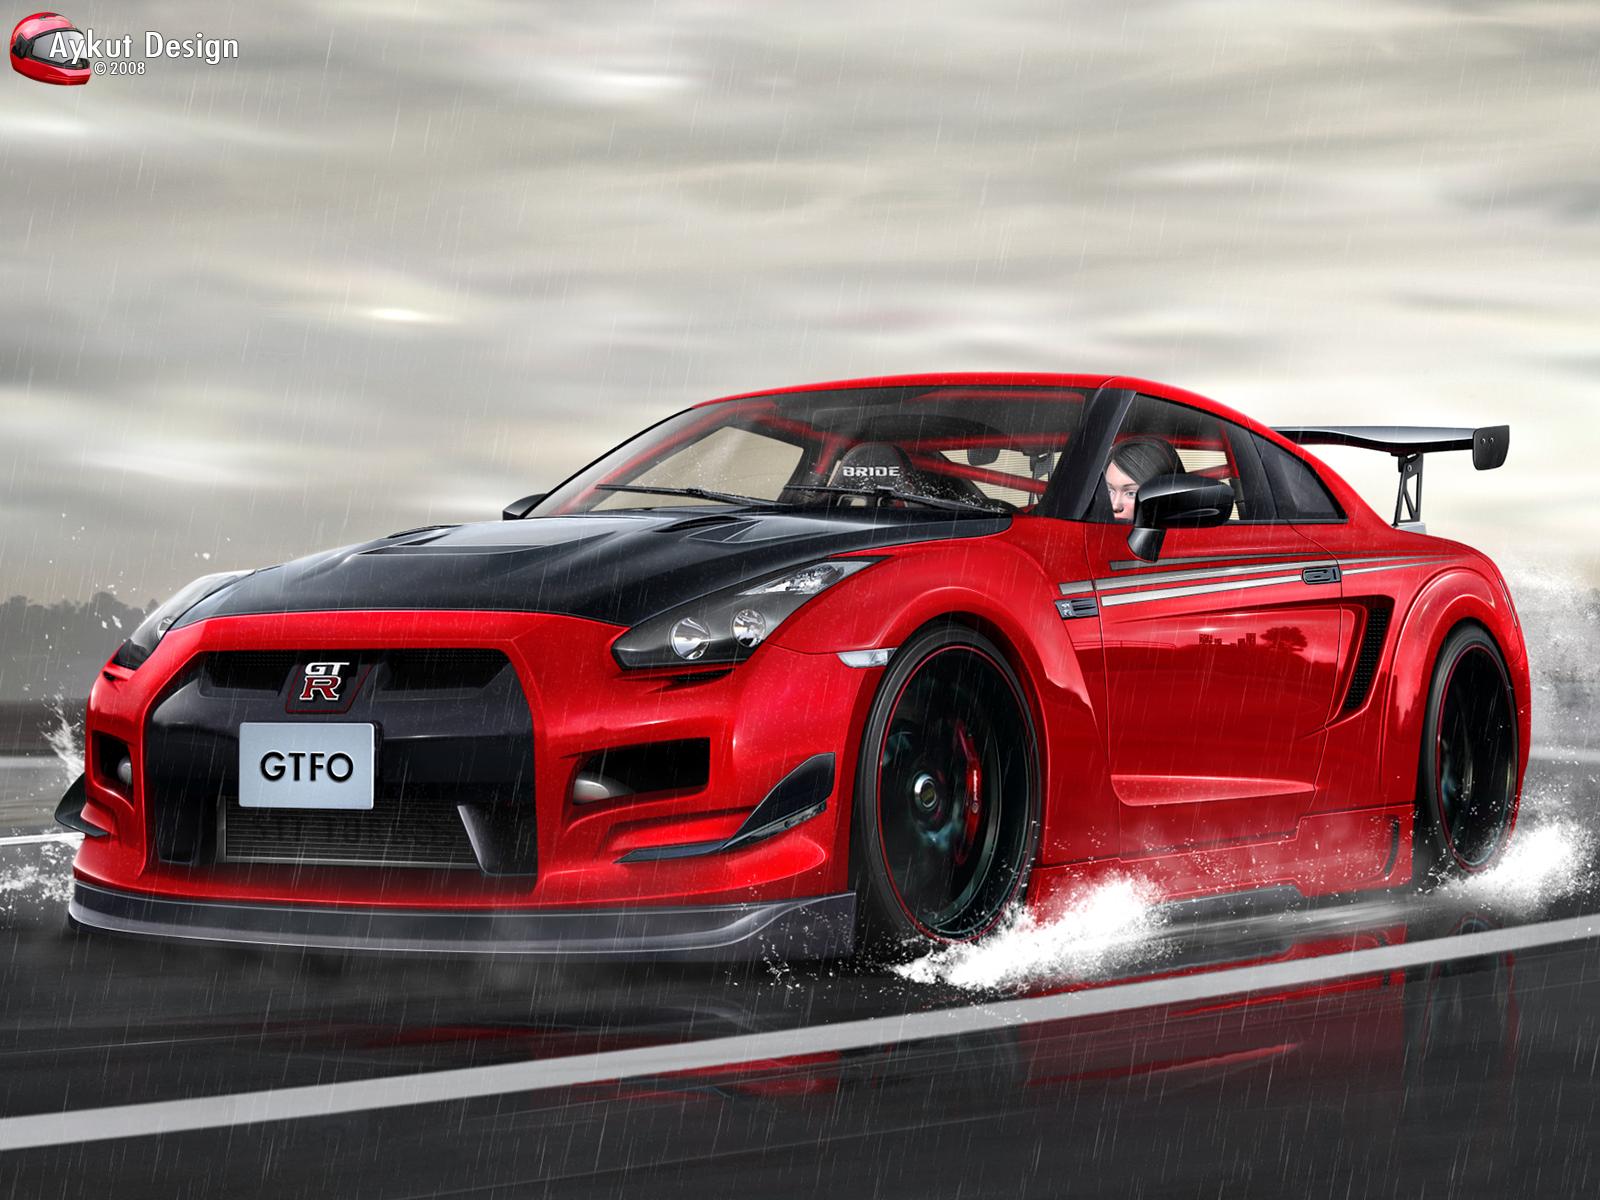 http://2.bp.blogspot.com/-S5hNnbHAB-U/T7ydIiB9bGI/AAAAAAAAAf4/wwh1ZKUlOVw/s1600/Nissan_GTR_R35_by_aykutdesign.jpg